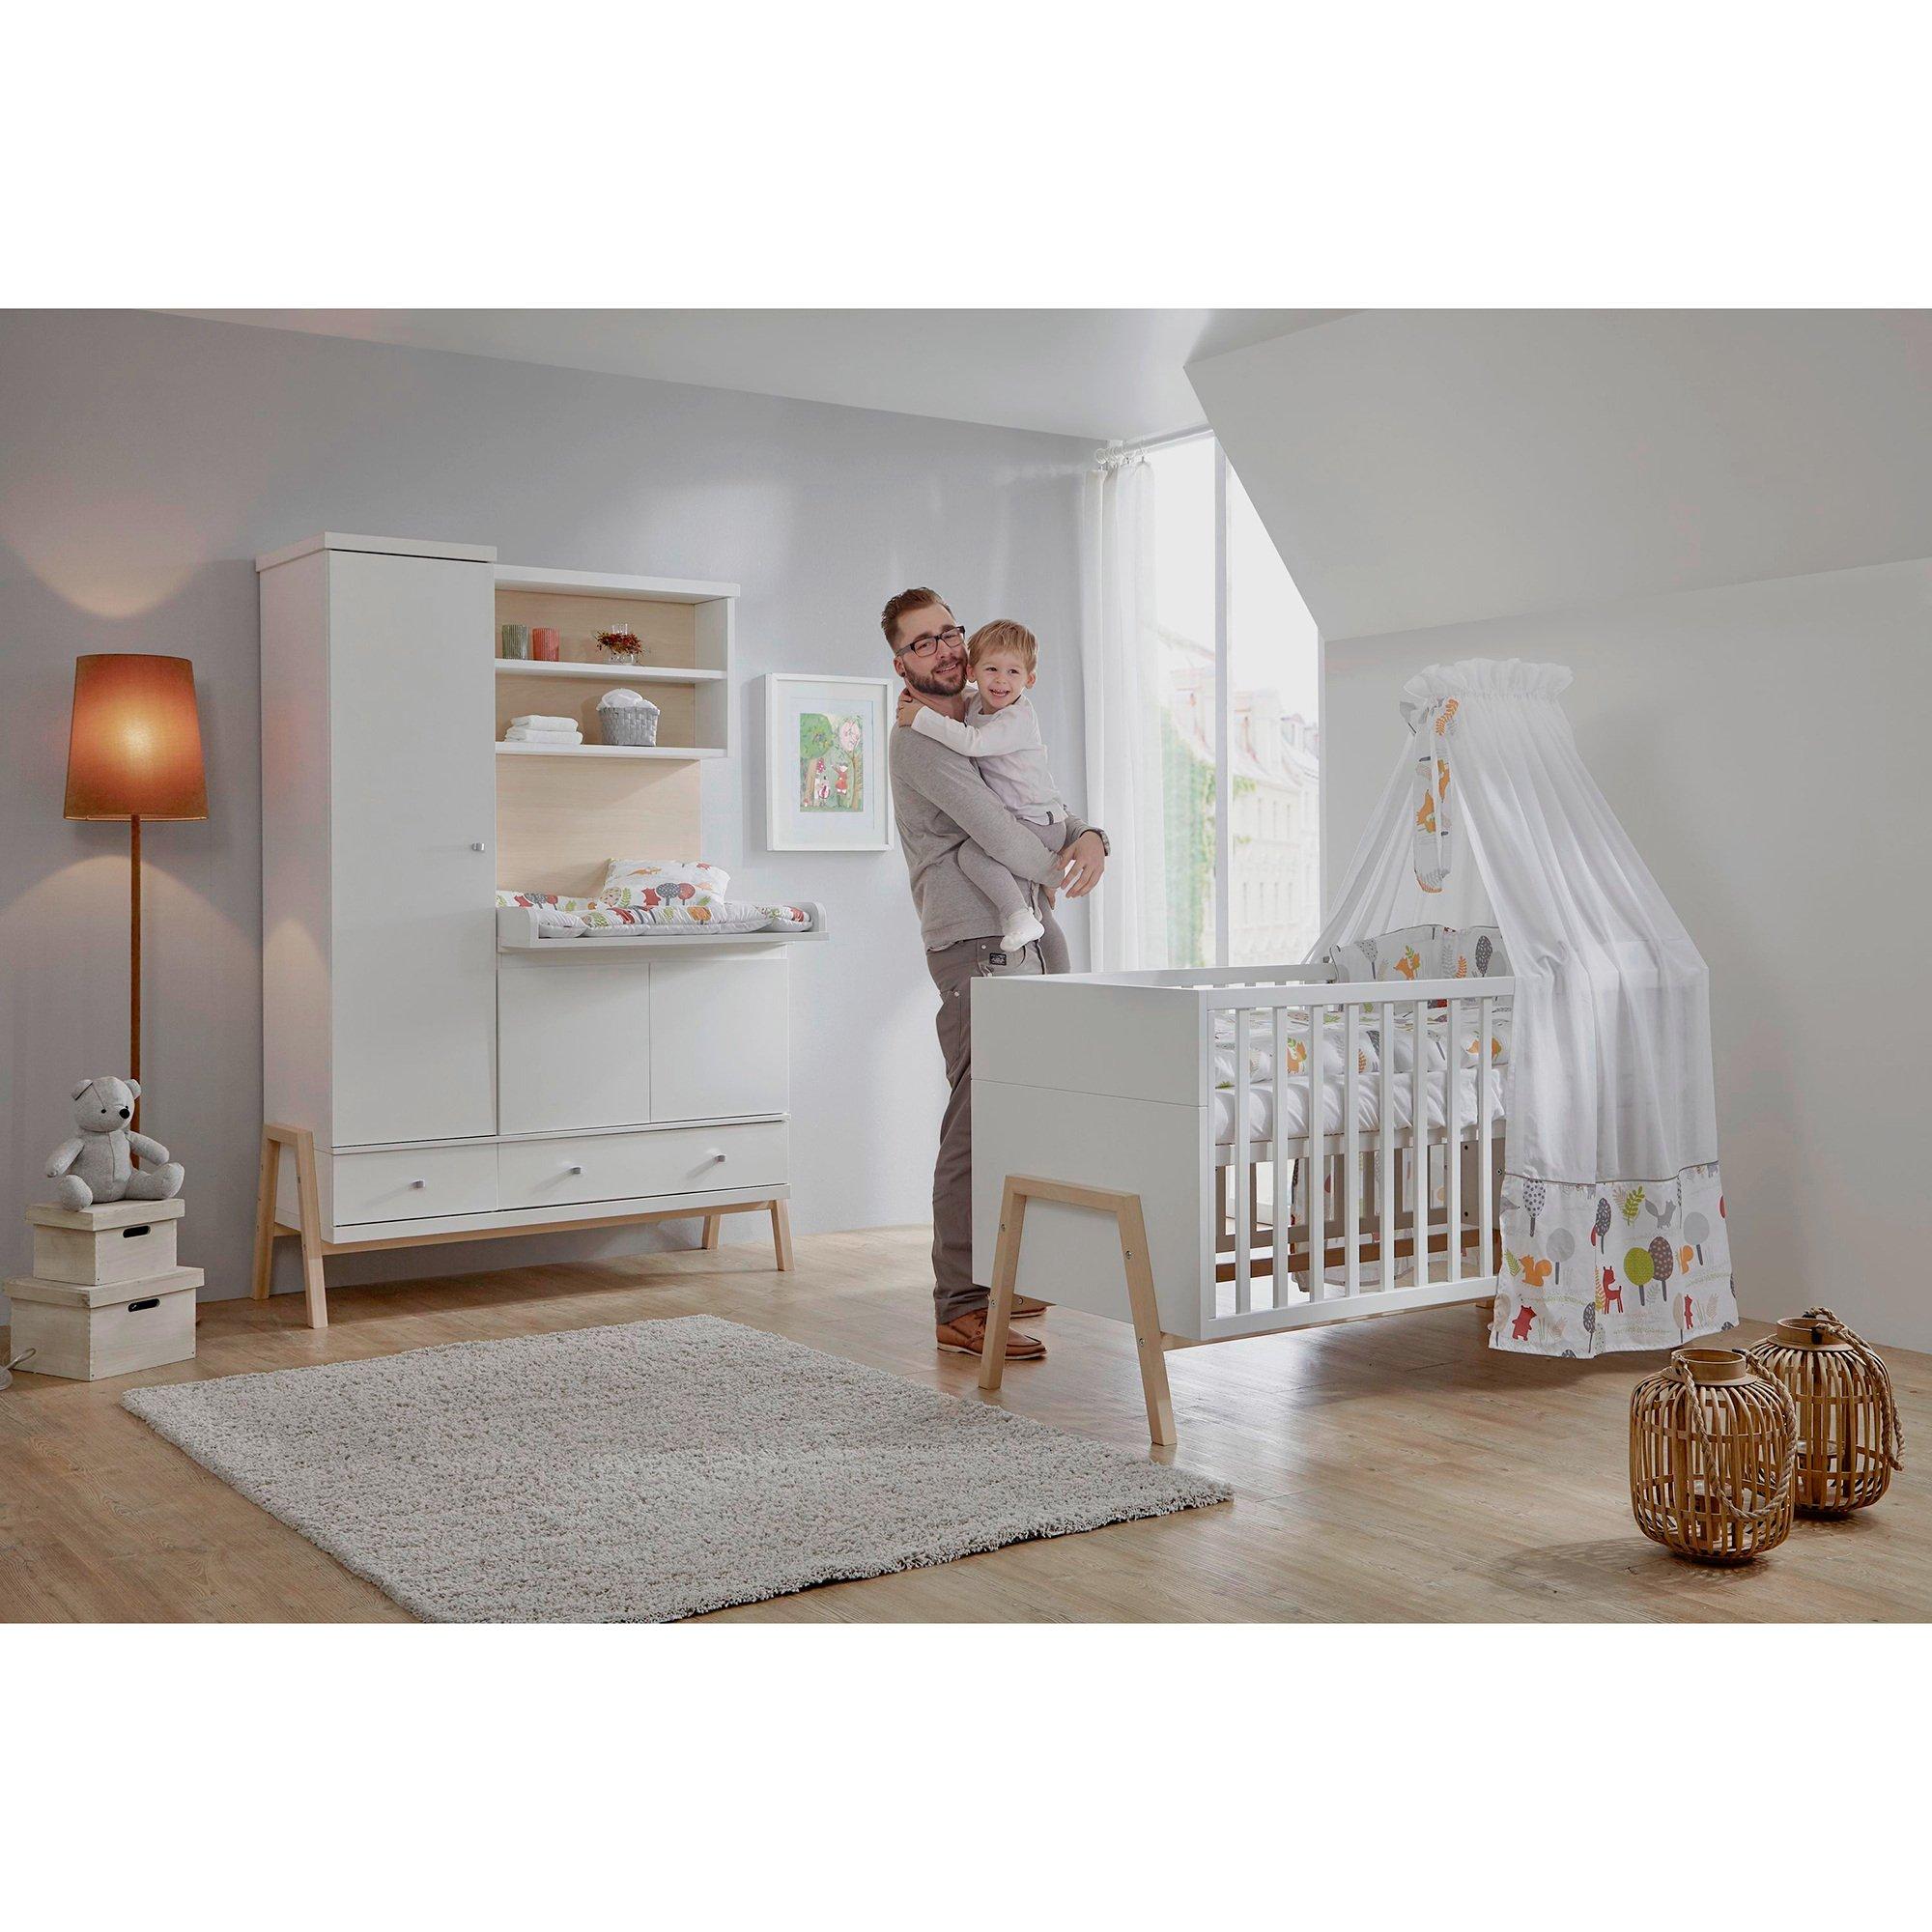 schardt 2 tlg babyzimmer holly nature. Black Bedroom Furniture Sets. Home Design Ideas